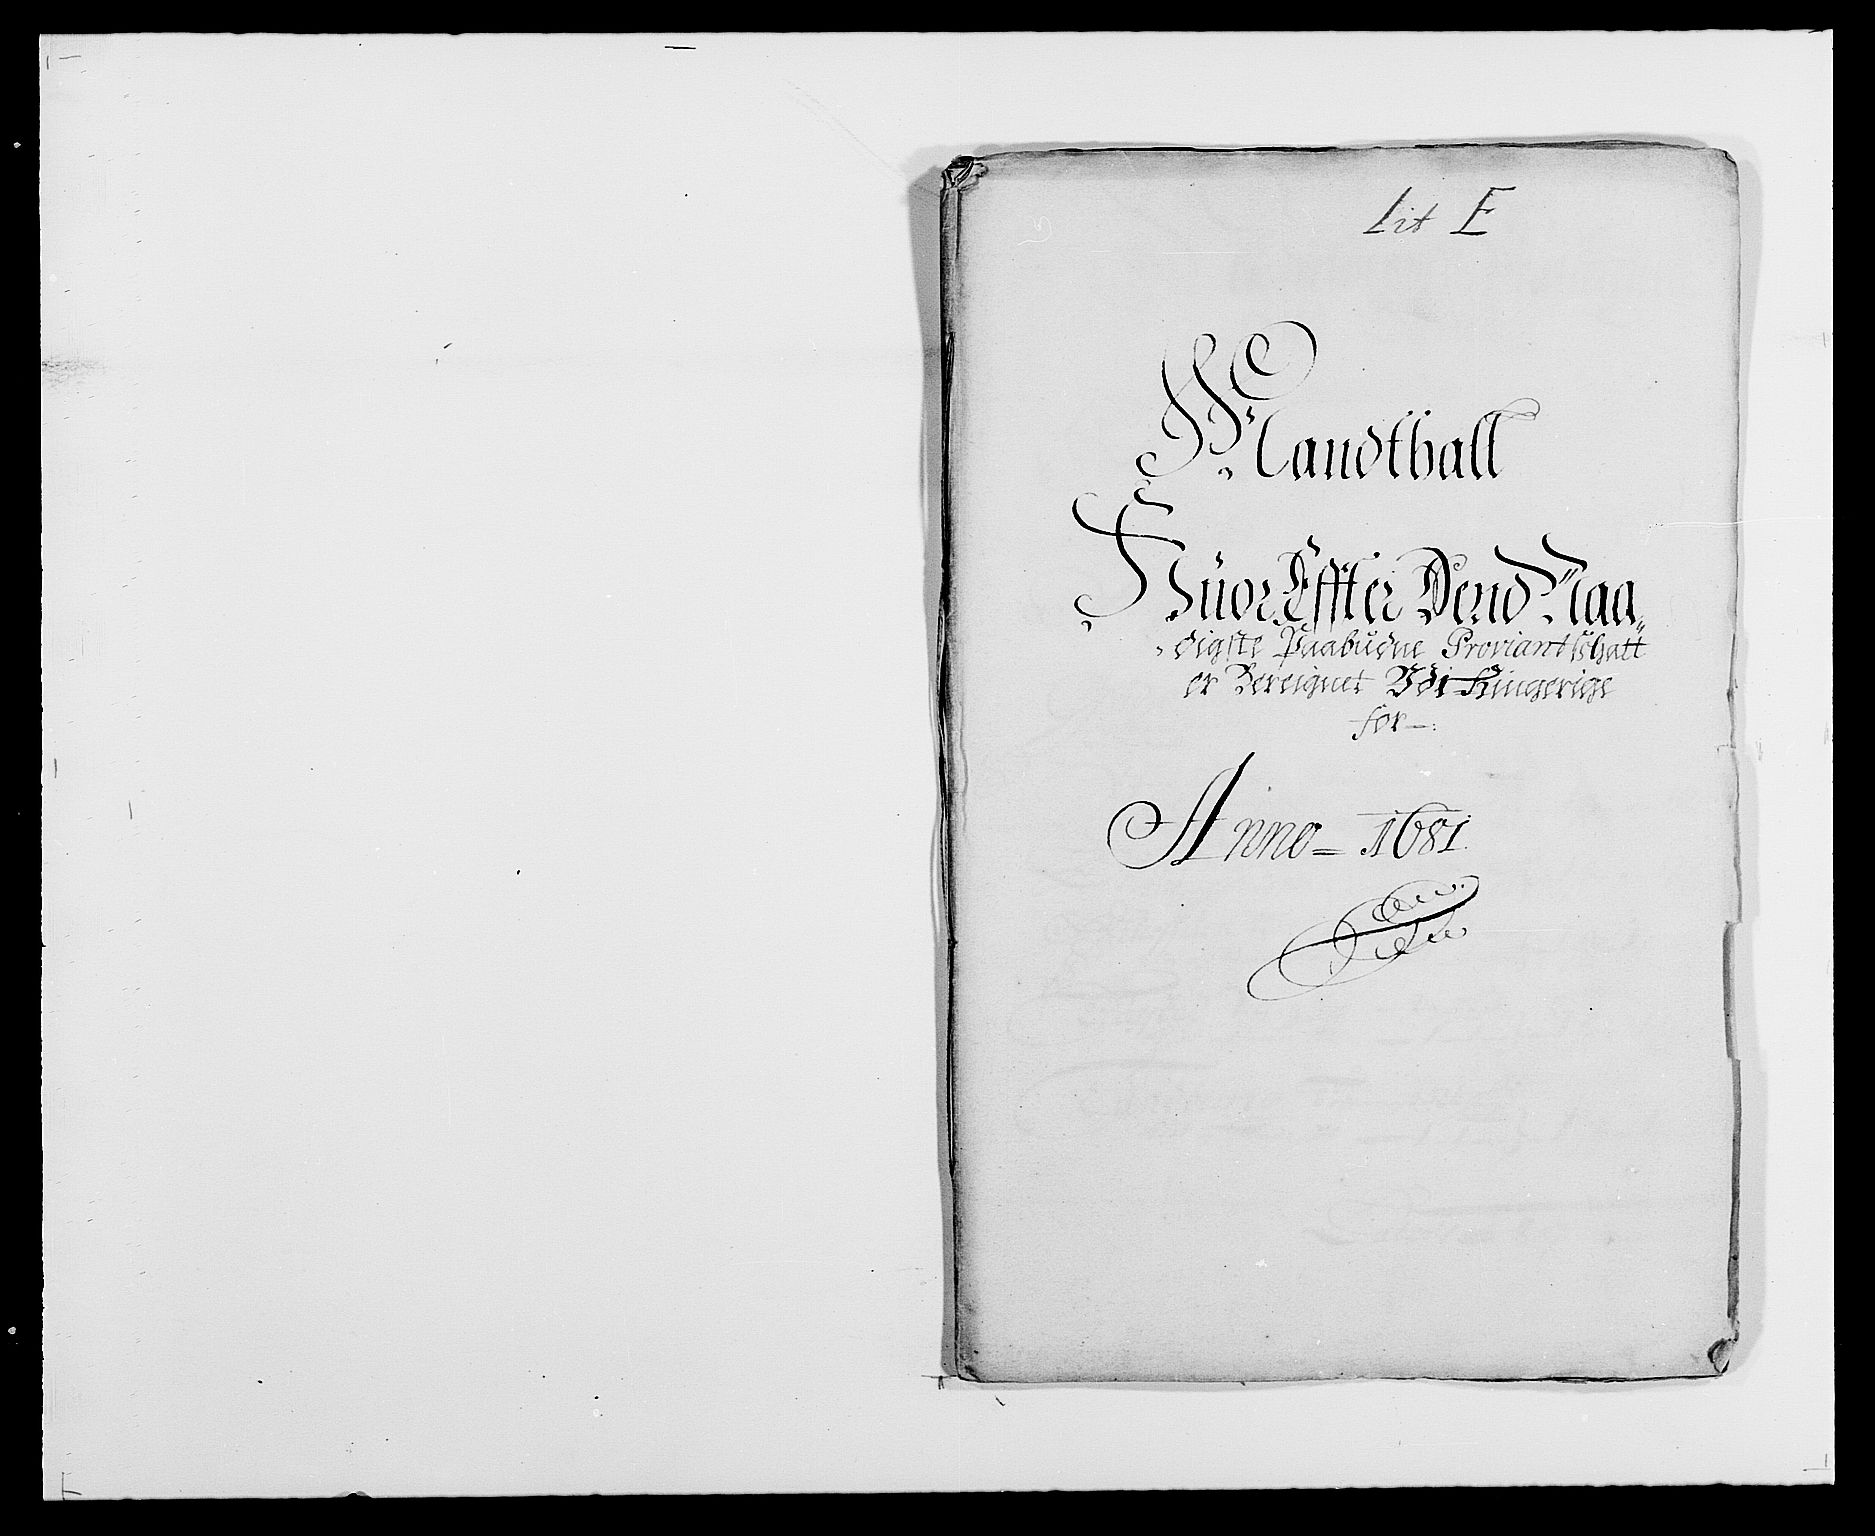 RA, Rentekammeret inntil 1814, Reviderte regnskaper, Fogderegnskap, R21/L1445: Fogderegnskap Ringerike og Hallingdal, 1681-1689, s. 130